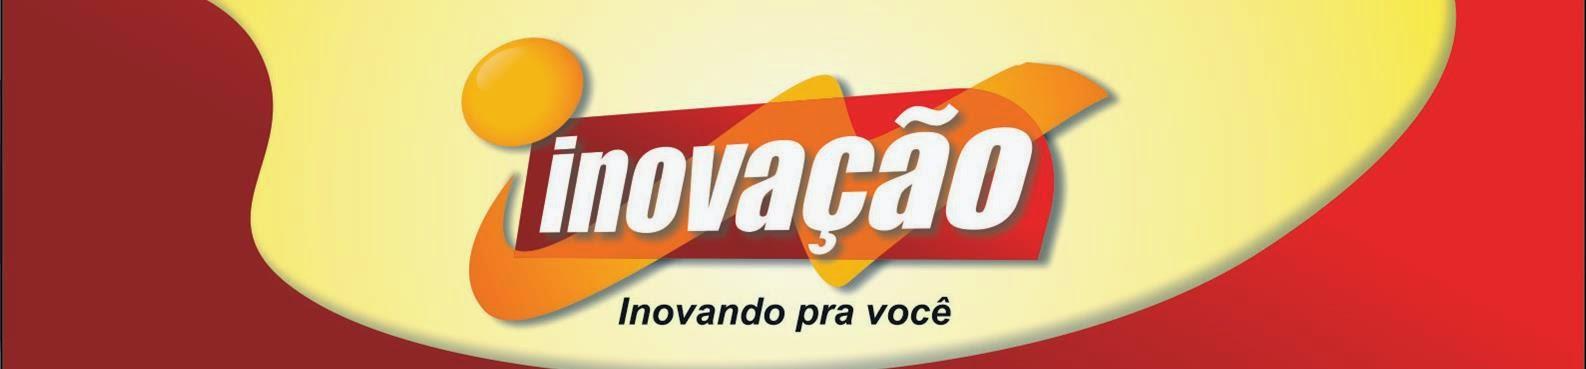 INOVAÃO VIDROS E PVC